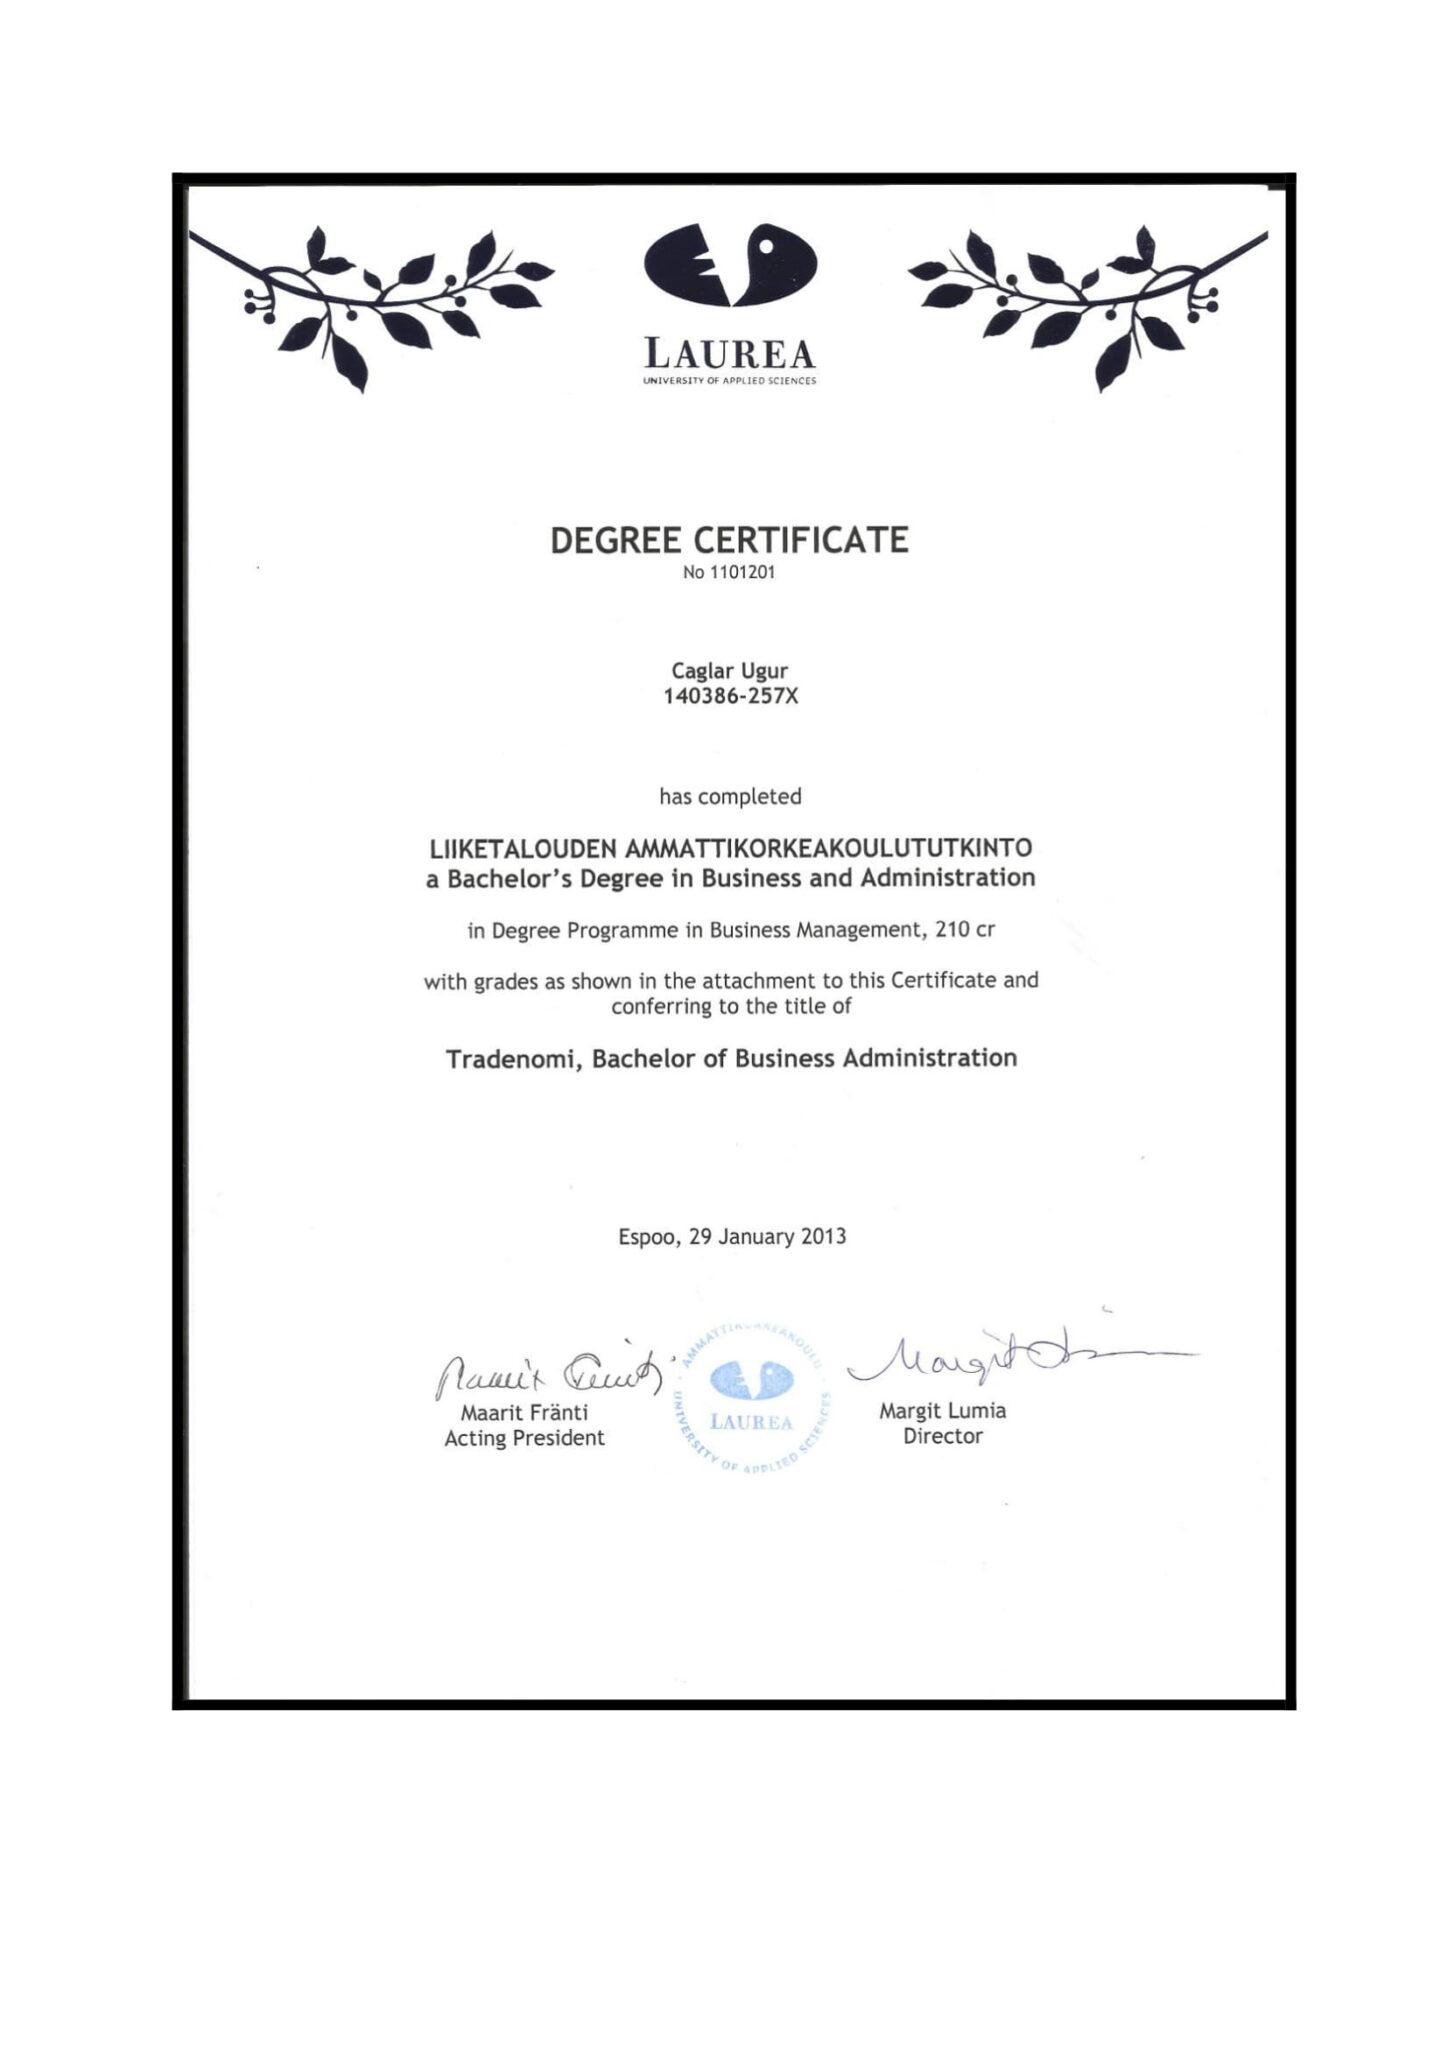 Çağlar Uğur Business Degree Laurea